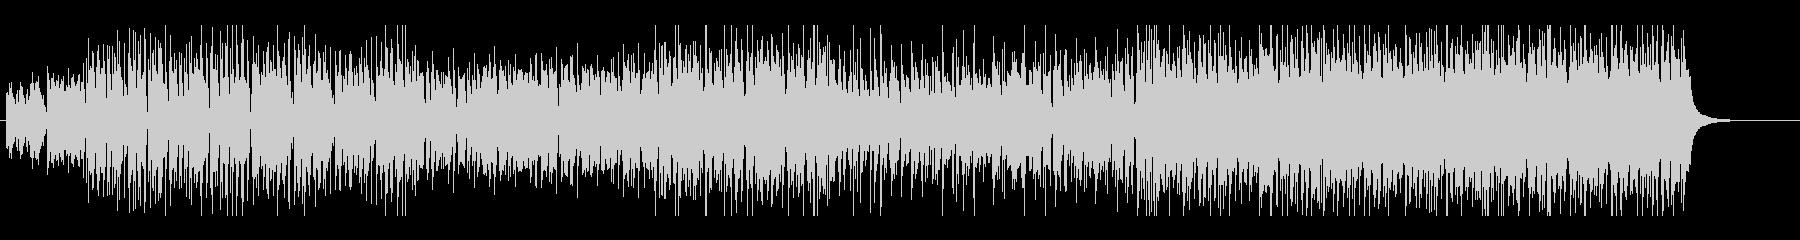 ジングルベルのシャッフルテクノの未再生の波形